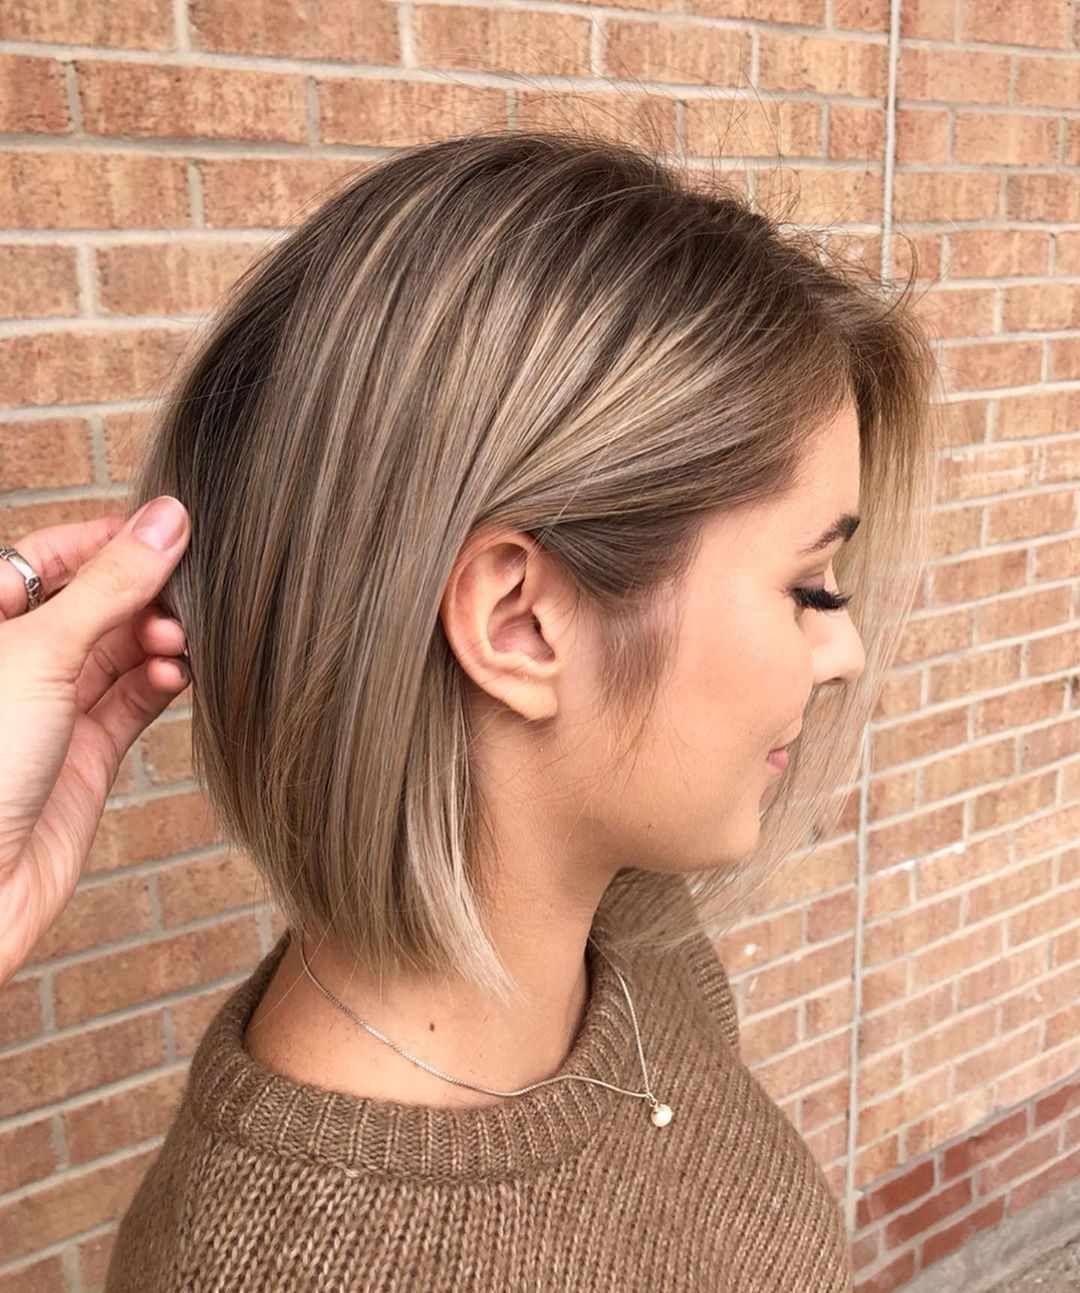 30+ meilleures couleurs de cheveux d'automne pour les cheveux courts 2019-2020 #fallhairc...